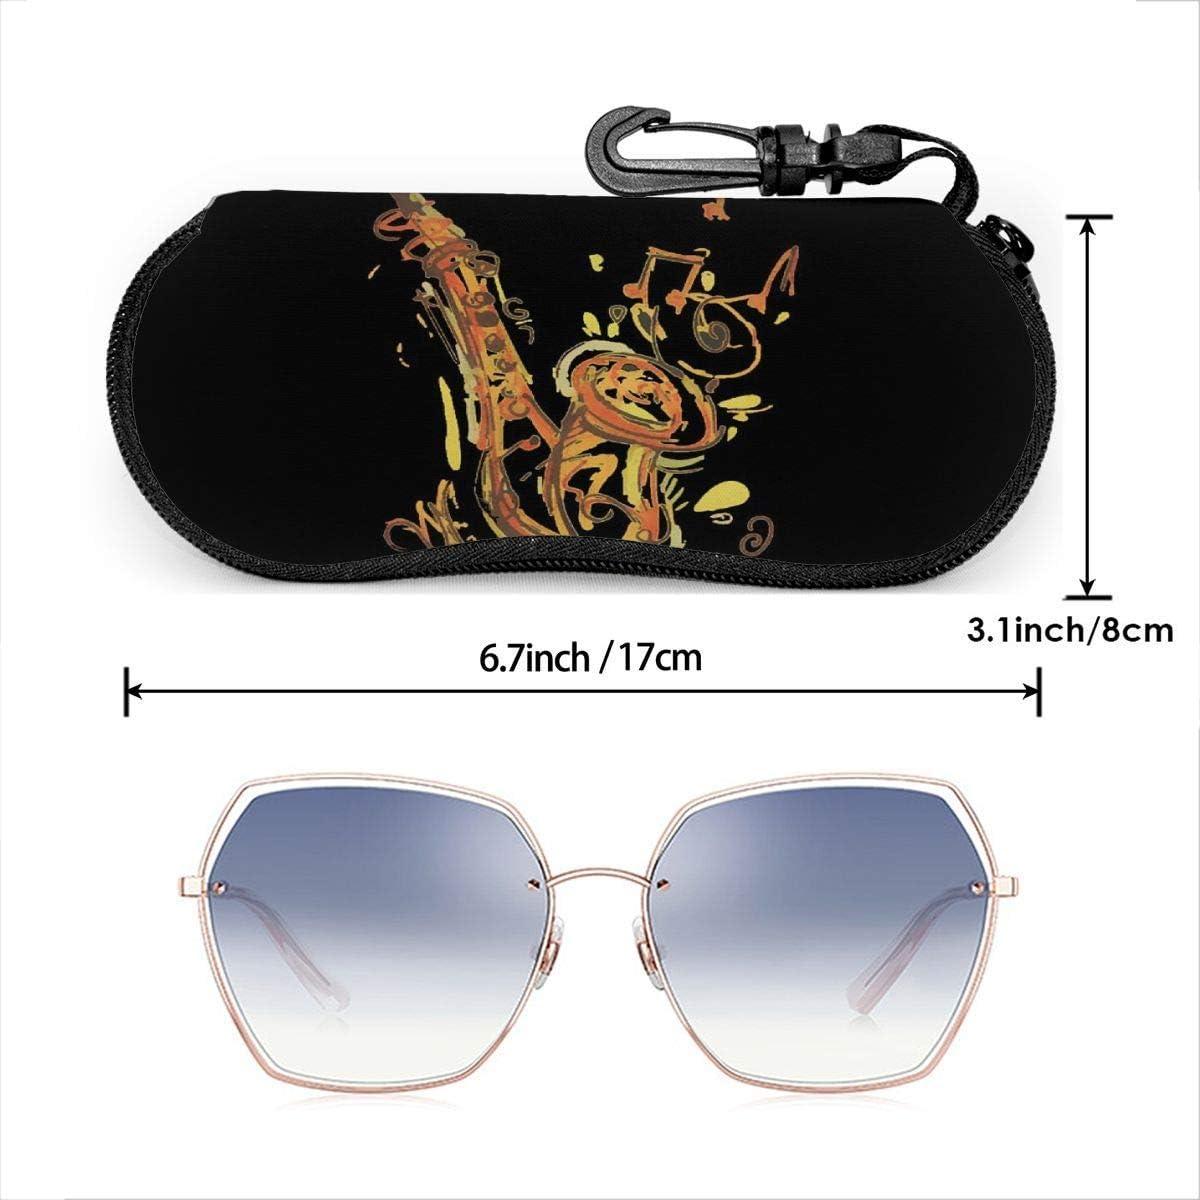 SDFGJ Custodia per occhiali Musica Jazz Sassofono Custodia per occhiali Custodia per occhiali da viaggio portatile resistente ai graffi Porta occhiali da sole a conchiglia Occhiali leggeri Custodia pr